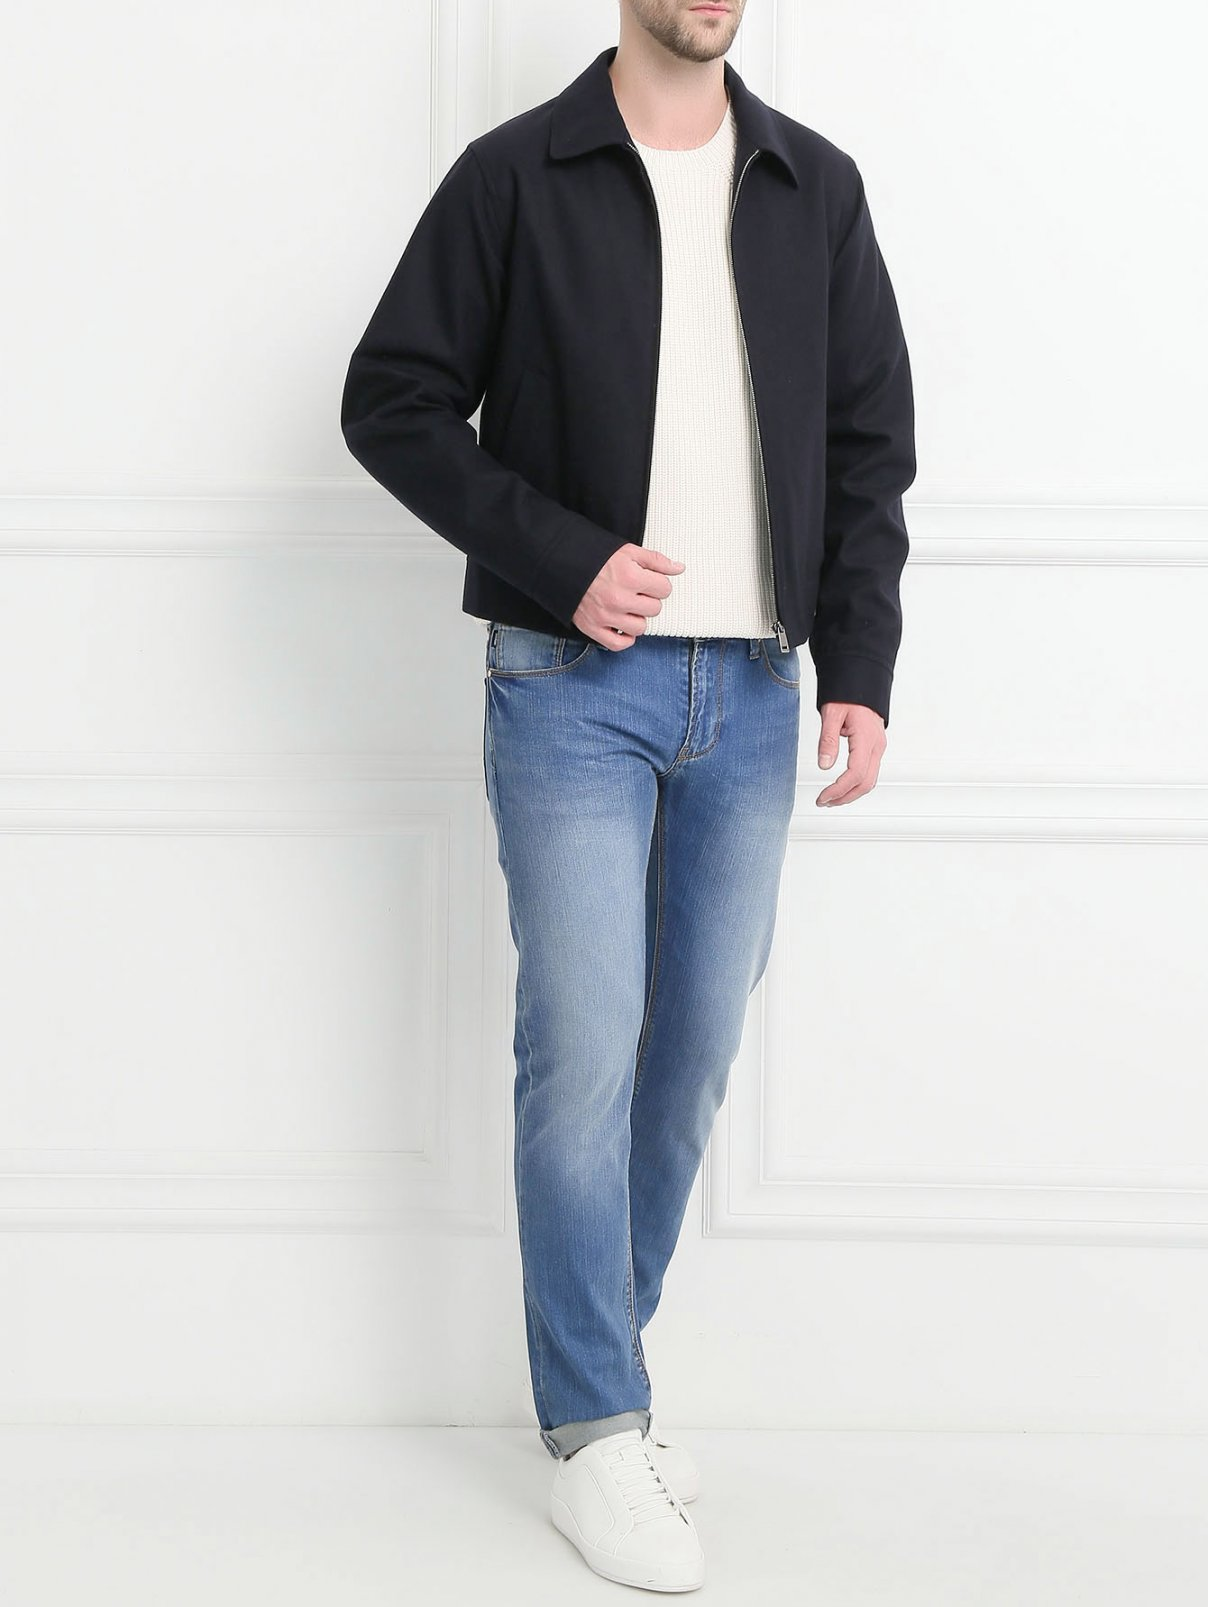 Куртка из шерсти на молнии Jil Sander  –  Модель Общий вид  – Цвет:  Синий